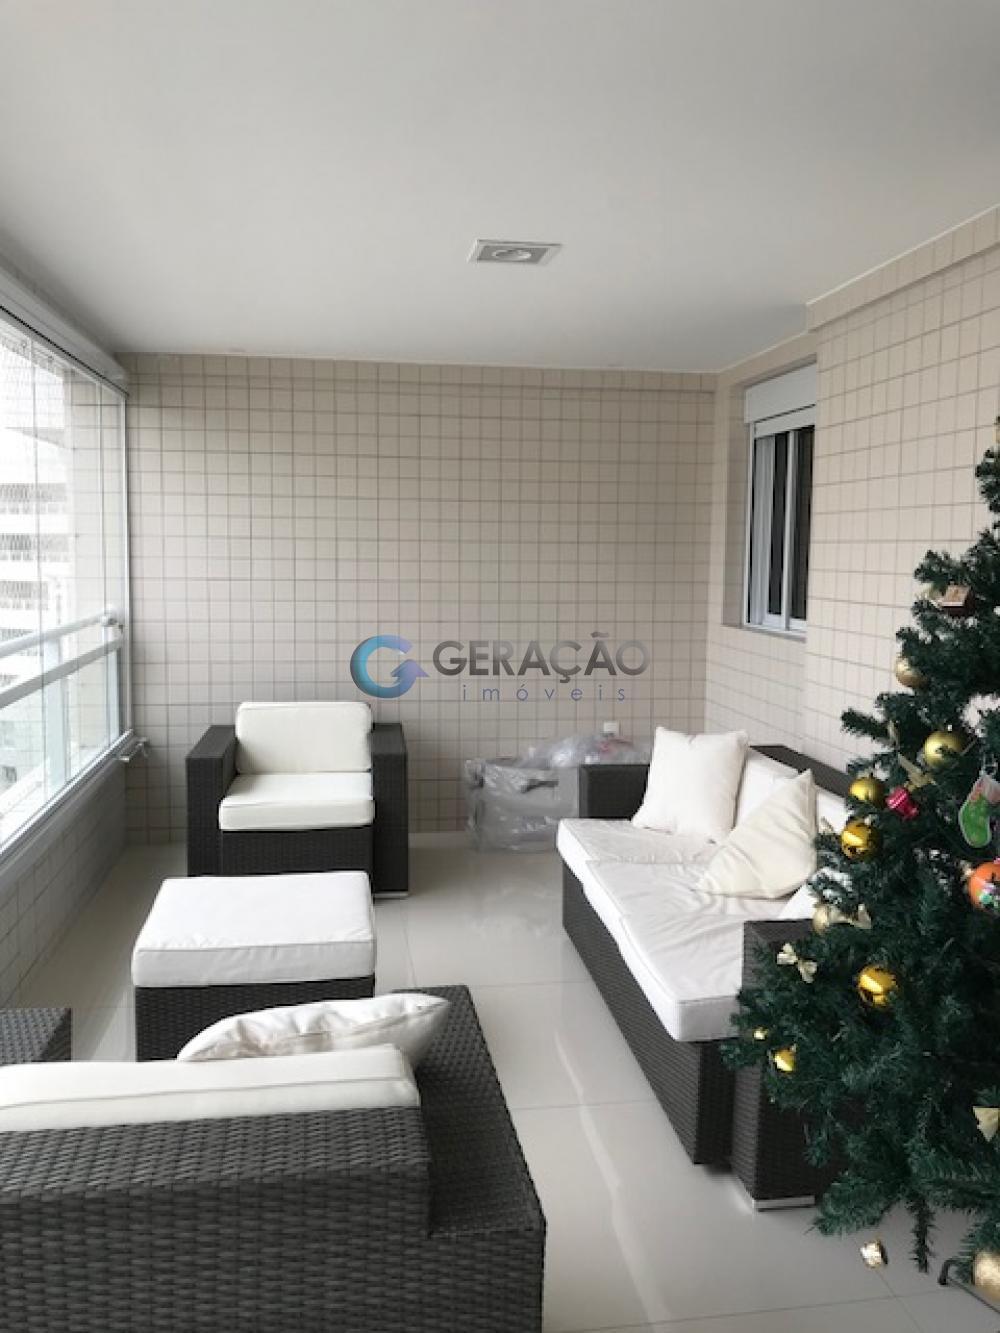 Comprar Apartamento / Padrão em São José dos Campos apenas R$ 1.300.000,00 - Foto 21